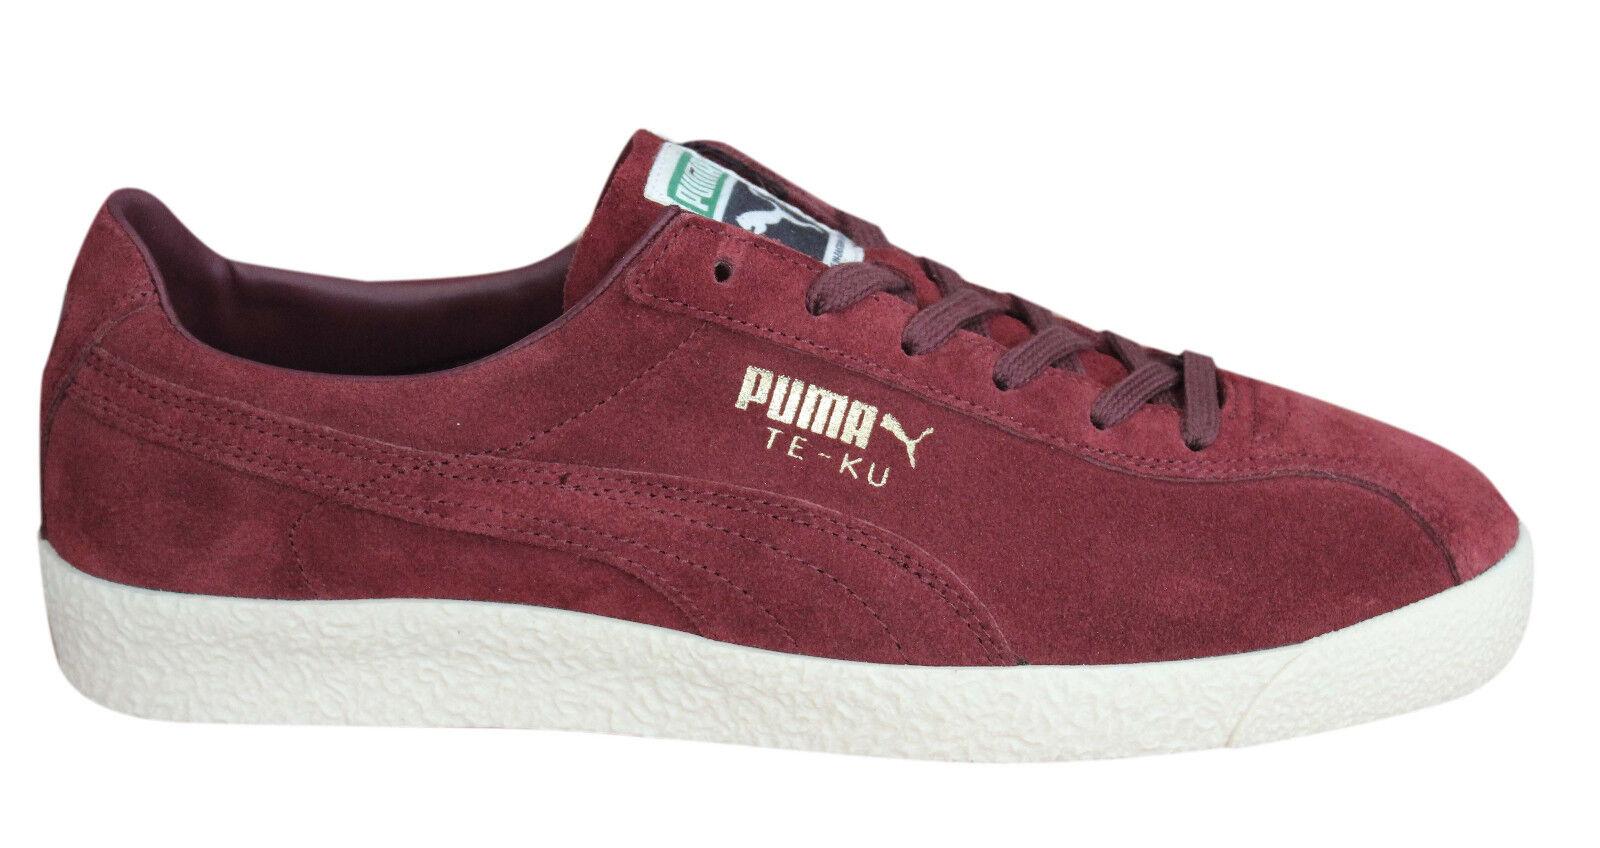 Puma il ku Uomo formatori allacciarsi le scarpe di cuoio cuoio di 364990 03 u60 borgogna a35c91